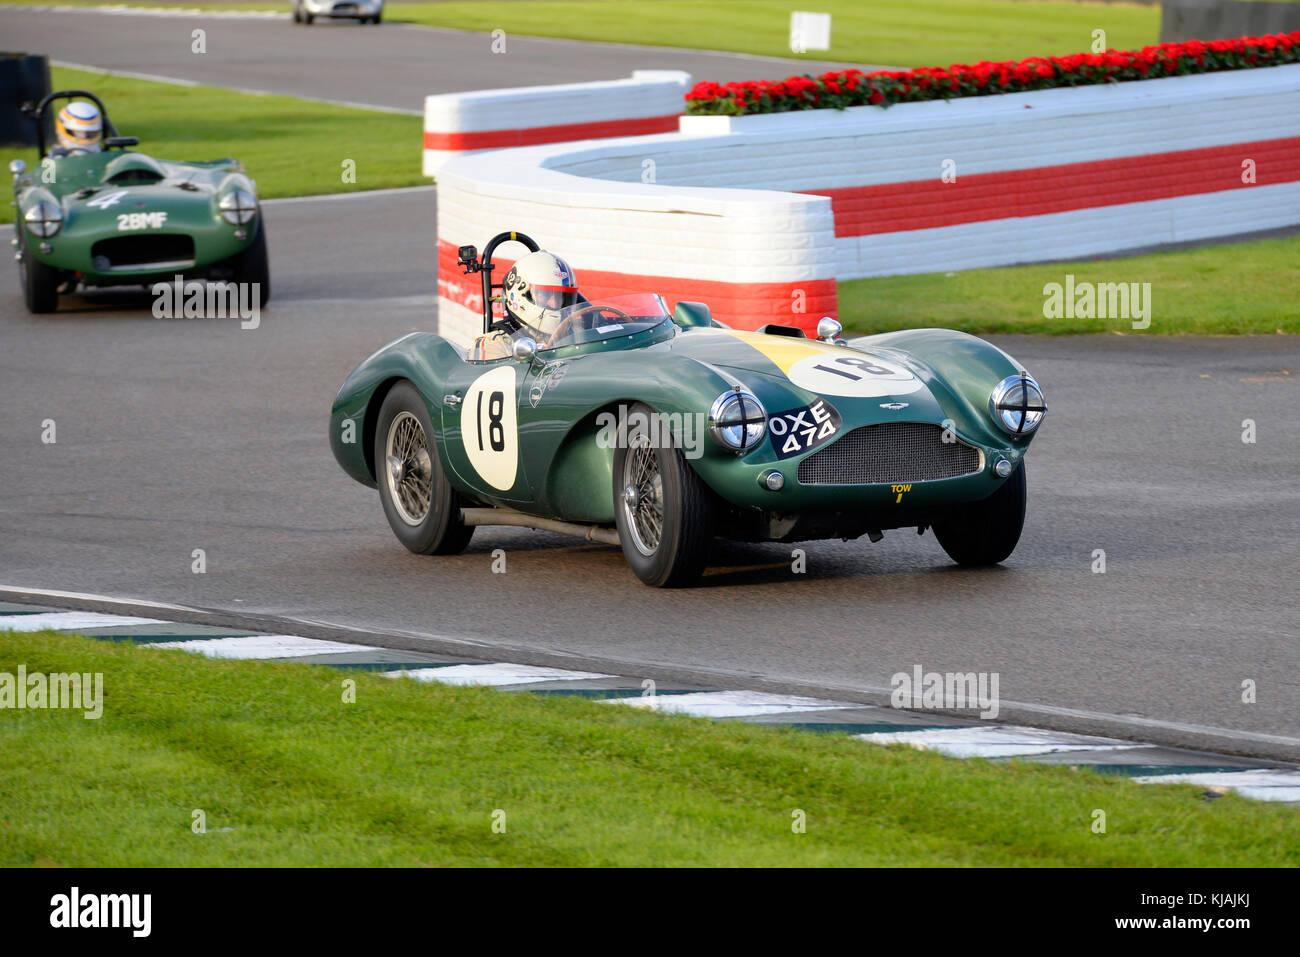 1955 Aston Martin DB 3 s im Besitz und unter der Leitung von Steve boultbee Brooks racing in der Freddie März Memorial Stockfoto